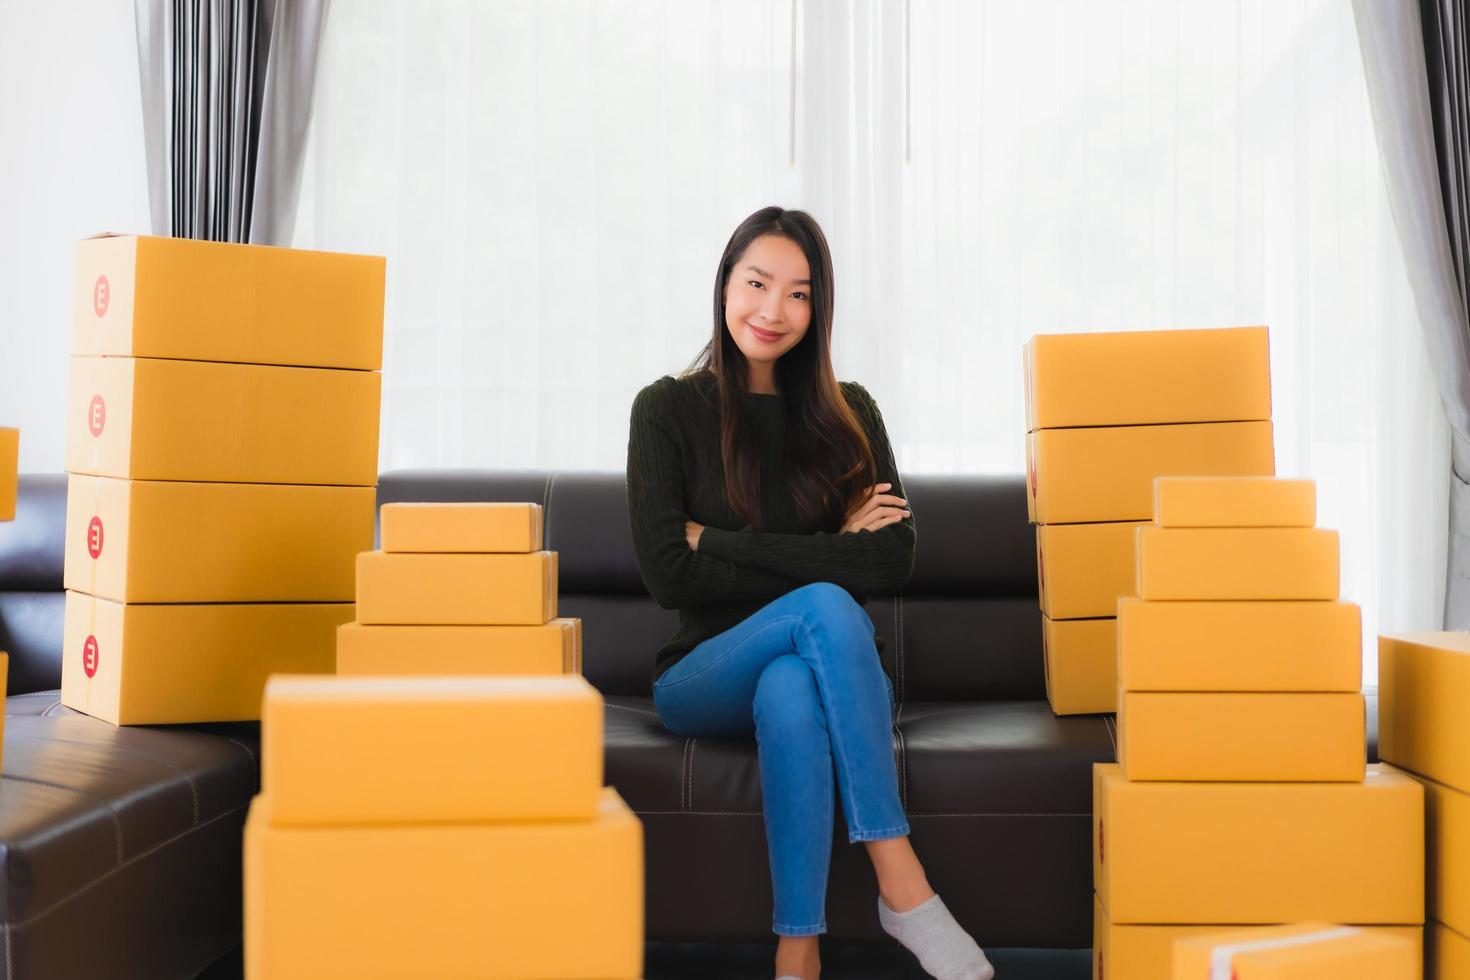 femme assise dans la chambre avec des boîtes photo